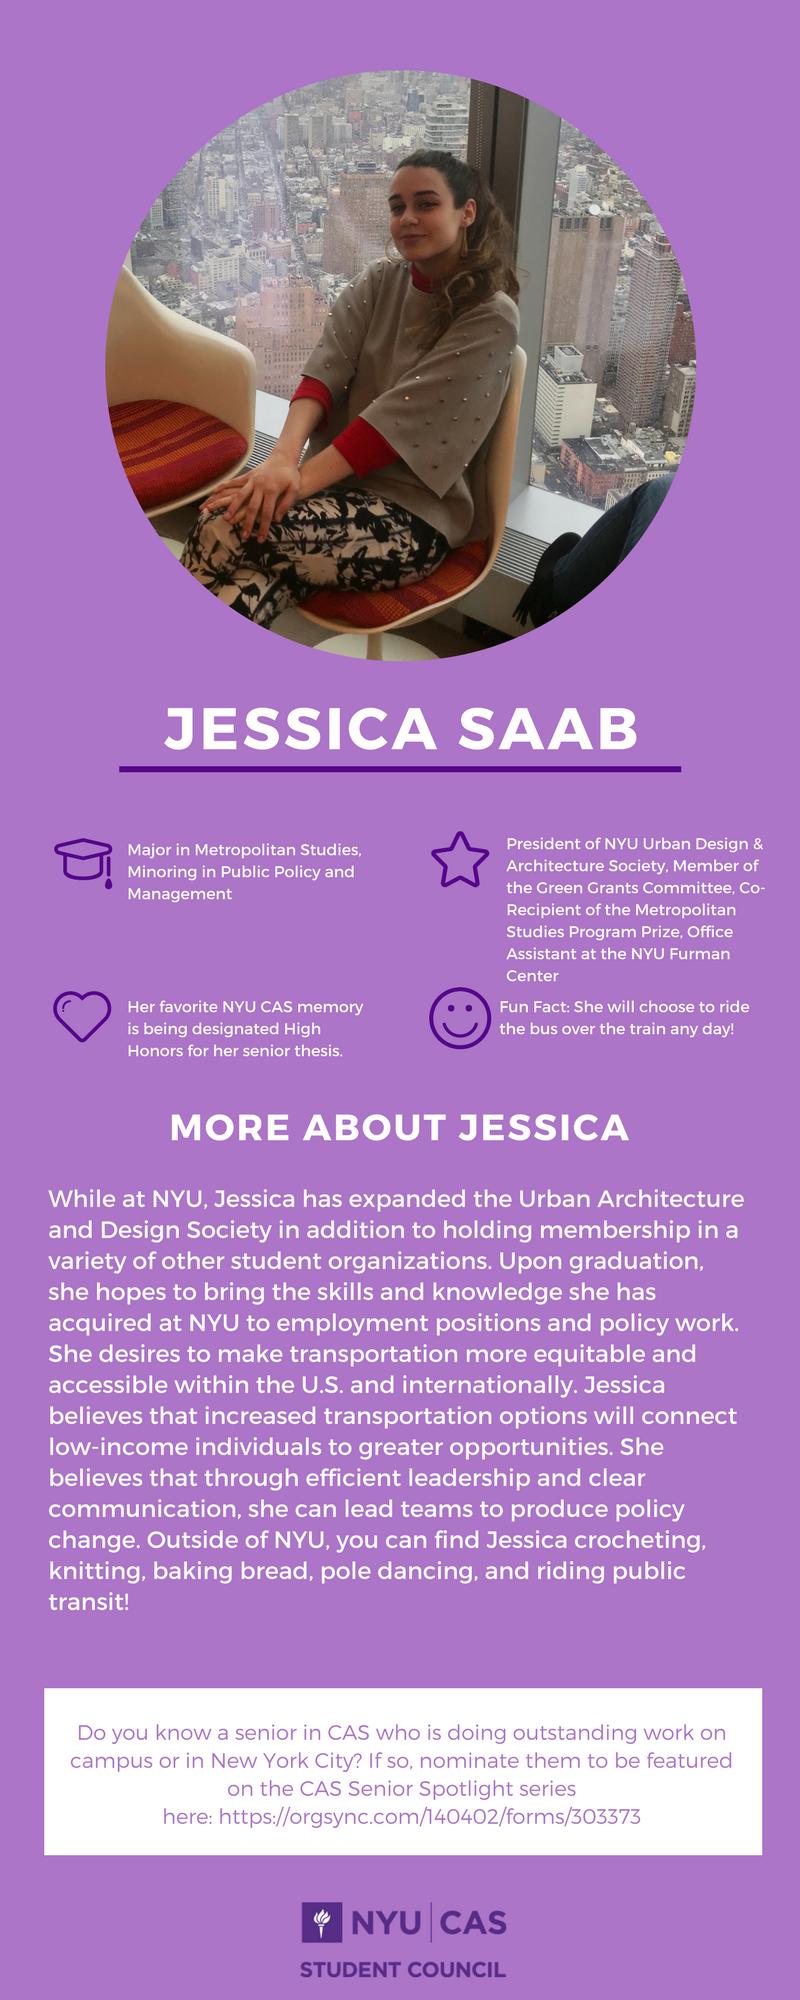 Jessica Saab